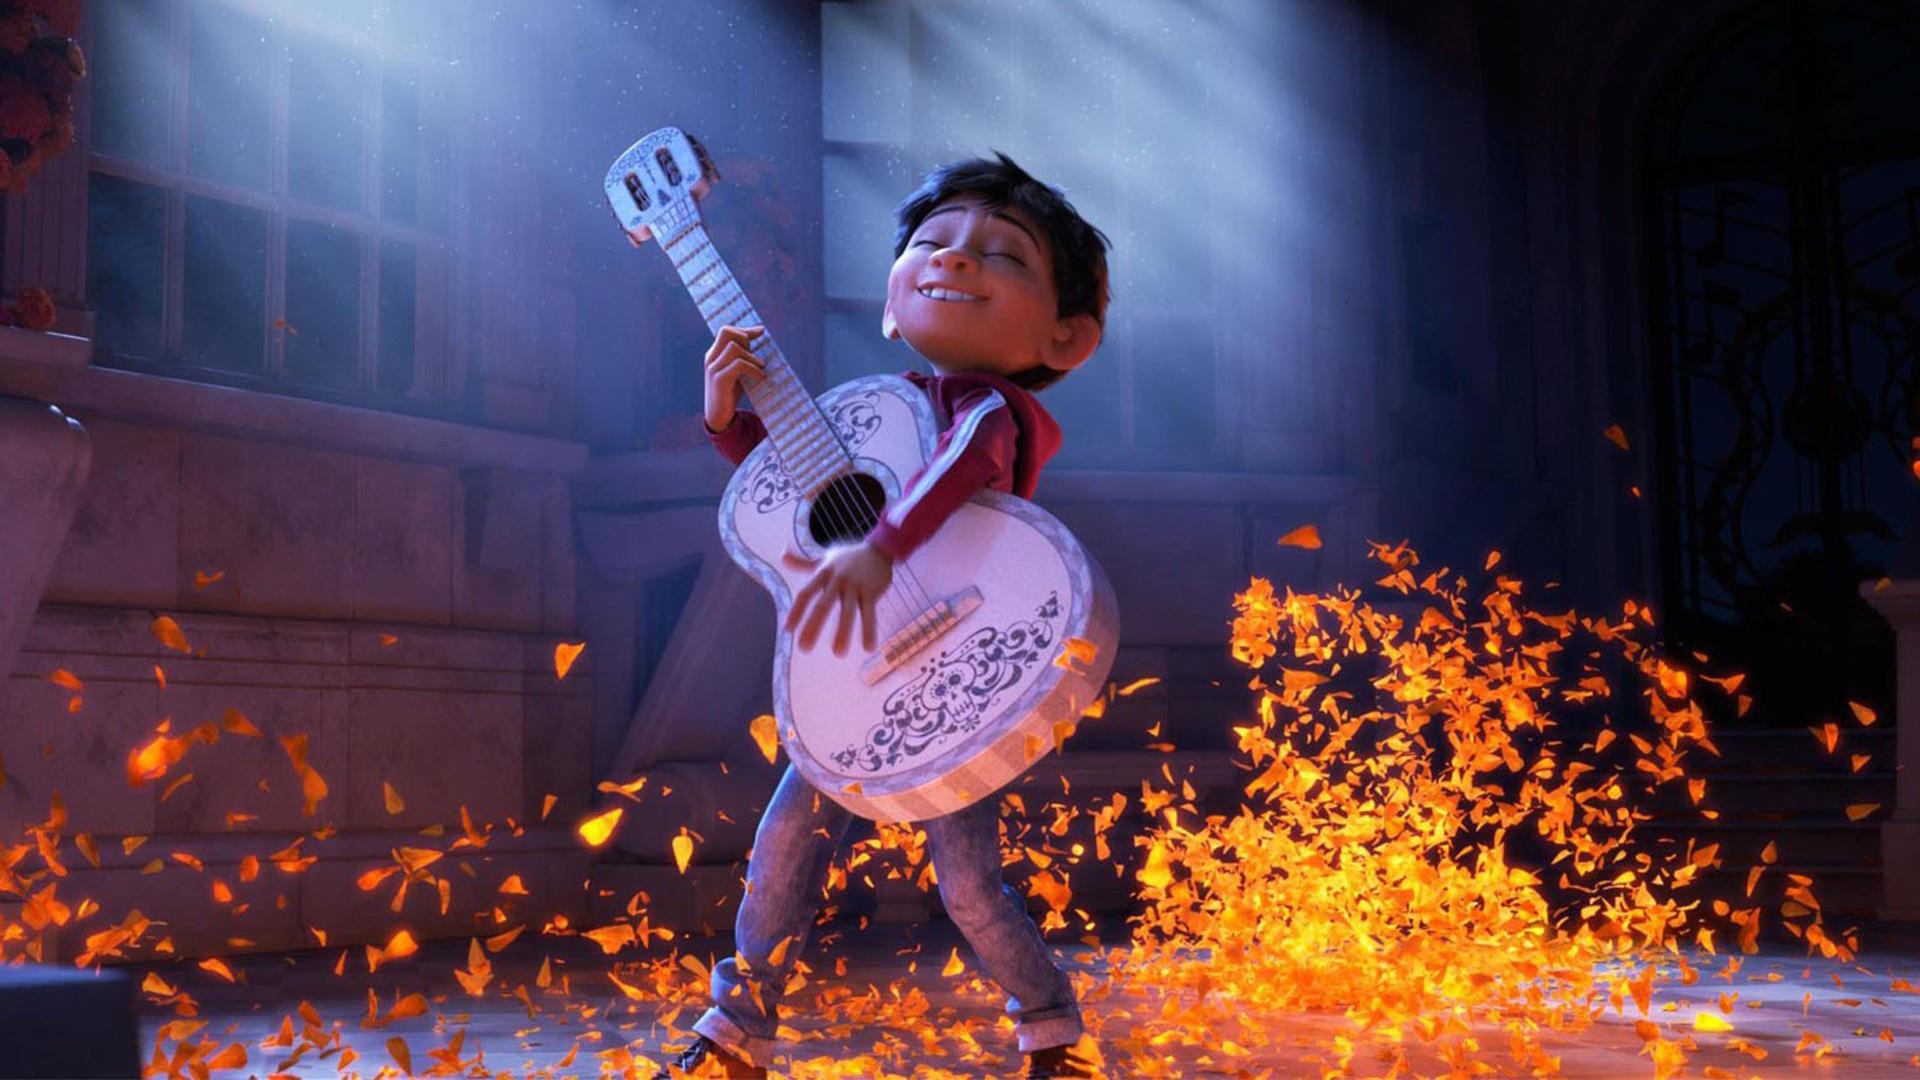 Coco   Disney Pixar Coco Wallpaper 41252047 1920x1080